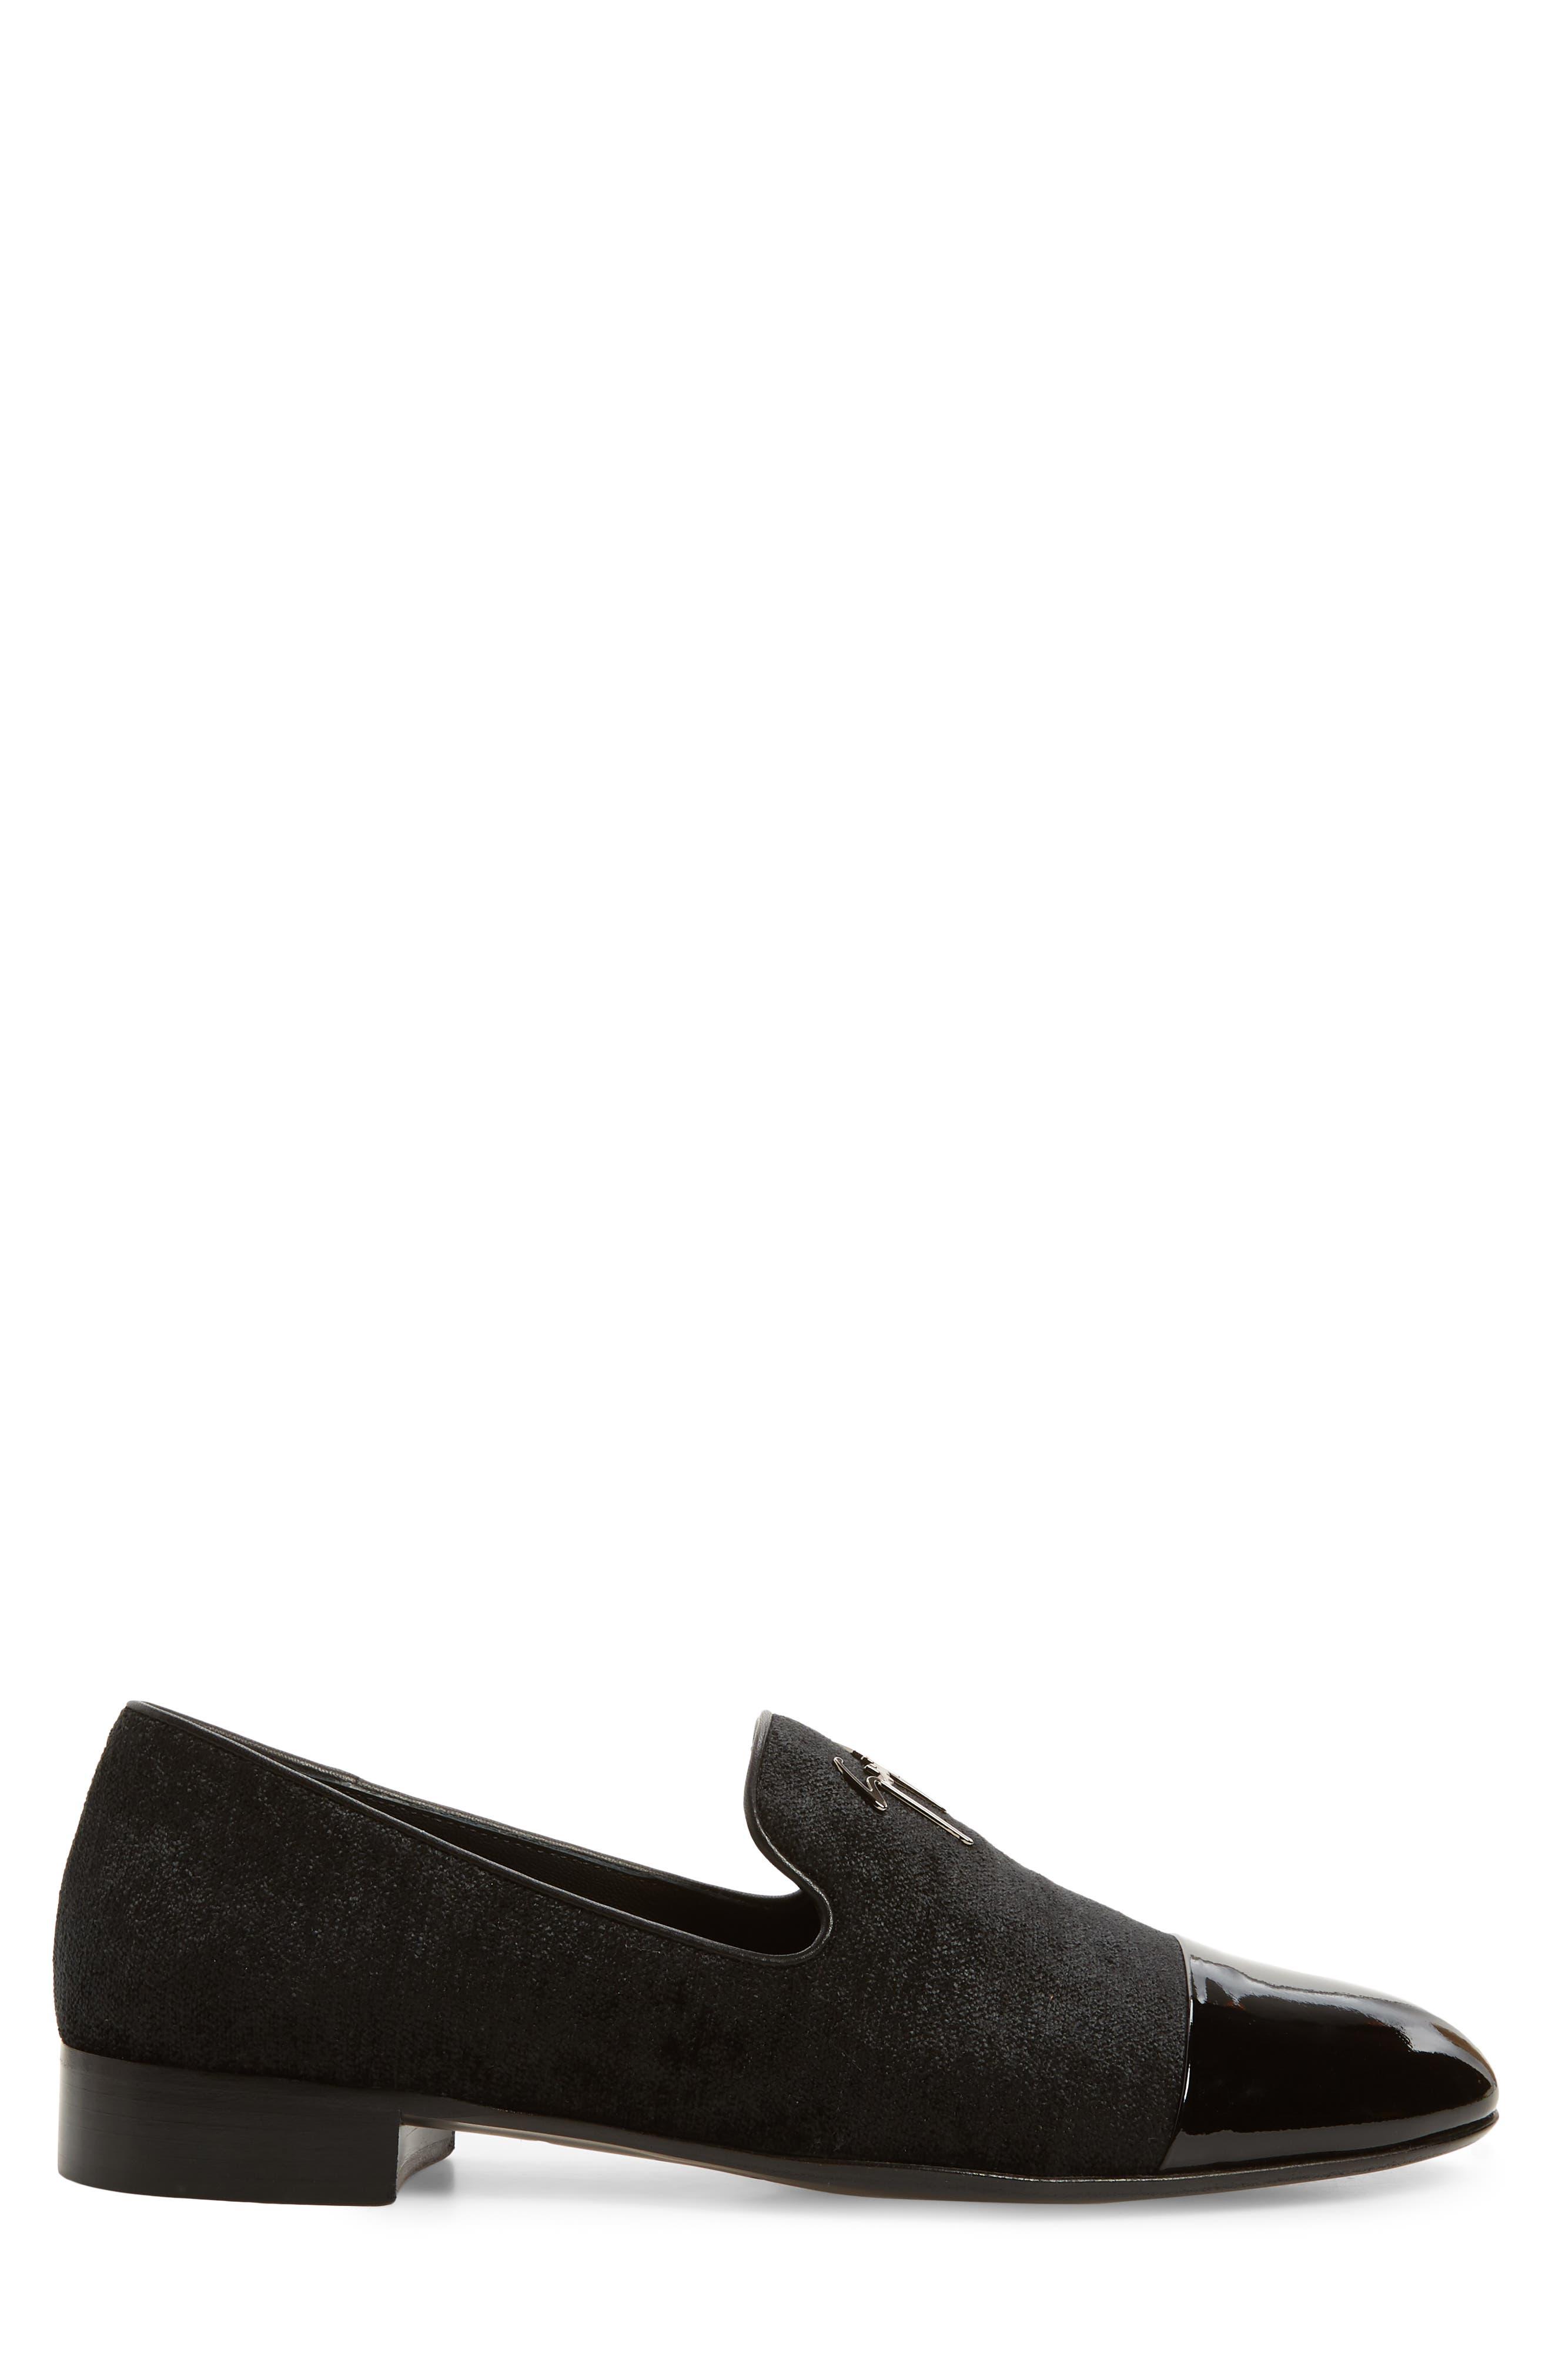 Tuxedo Loafer,                             Alternate thumbnail 3, color,                             BLACK